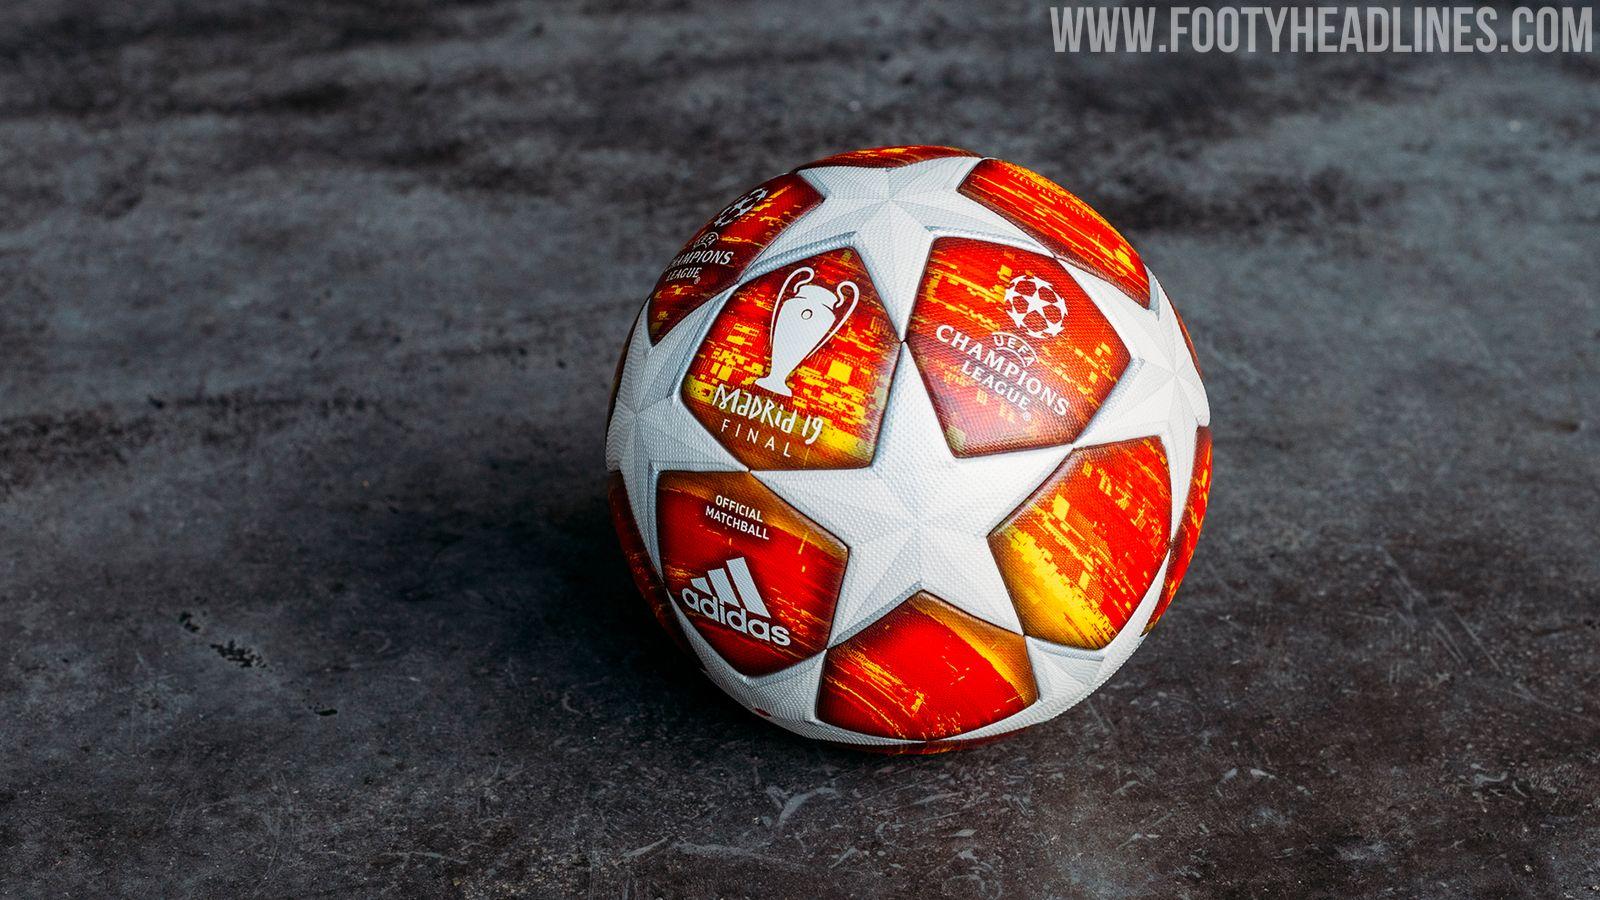 adidas 2019 champions league madrid finalfußball enthüllt